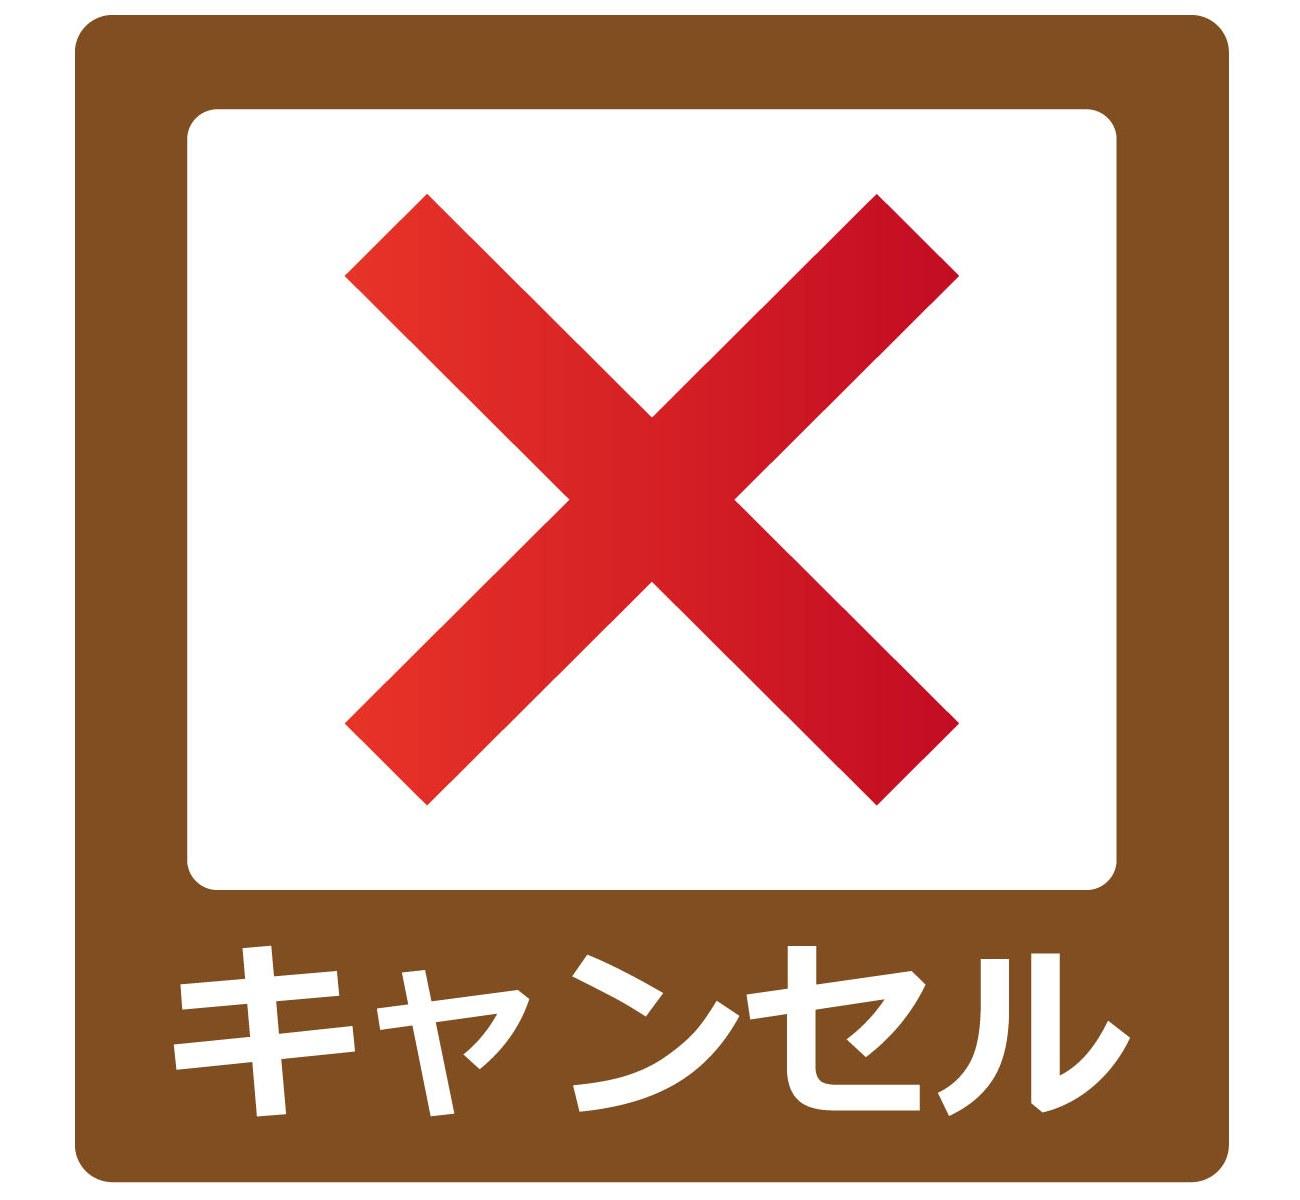 キャンセルを表示する看板